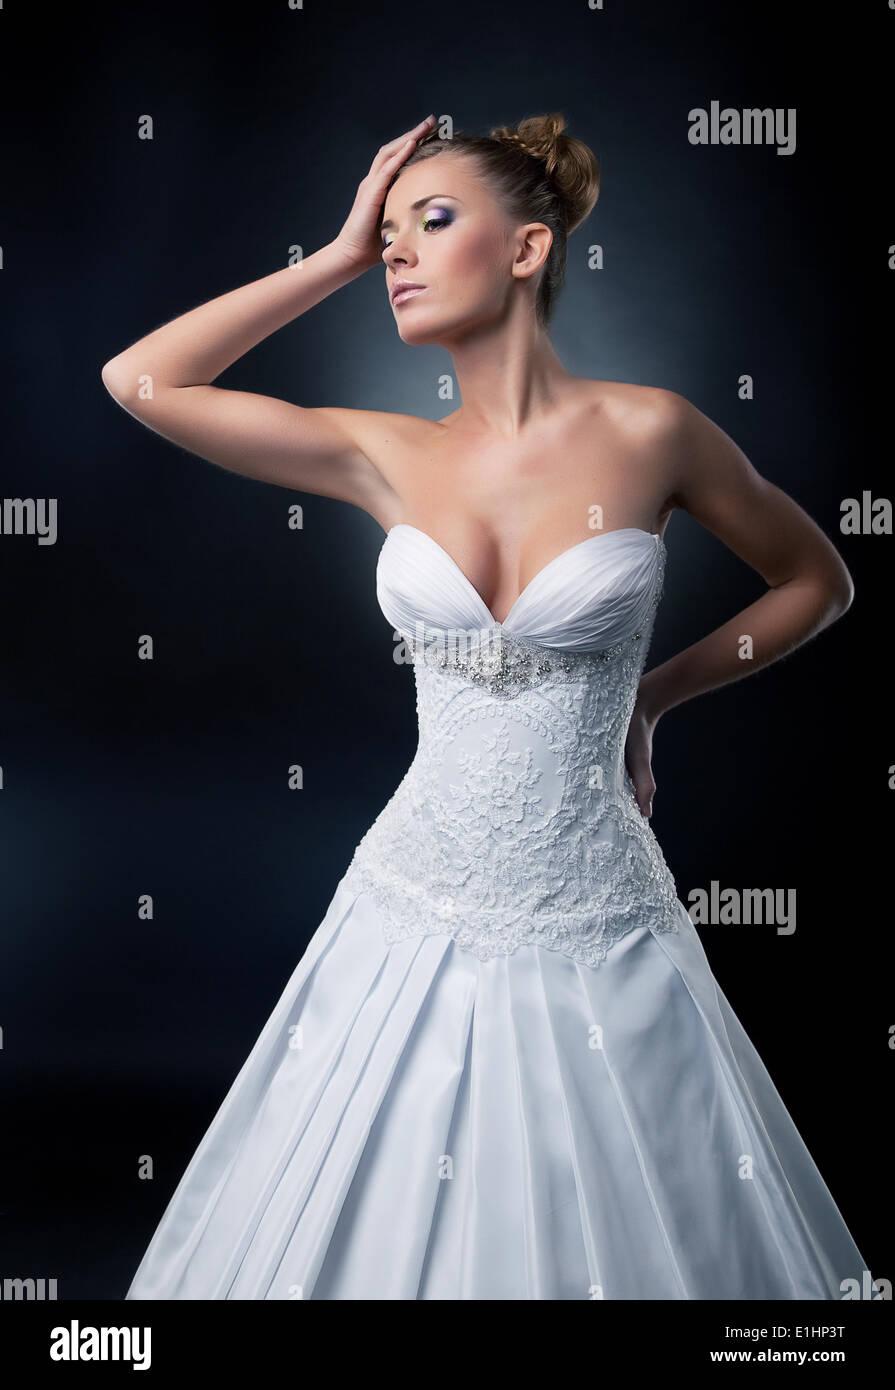 Verführerische Braut blondes Haar weibliche Mode Model posiert im Studio. Serie von Fotos Stockbild